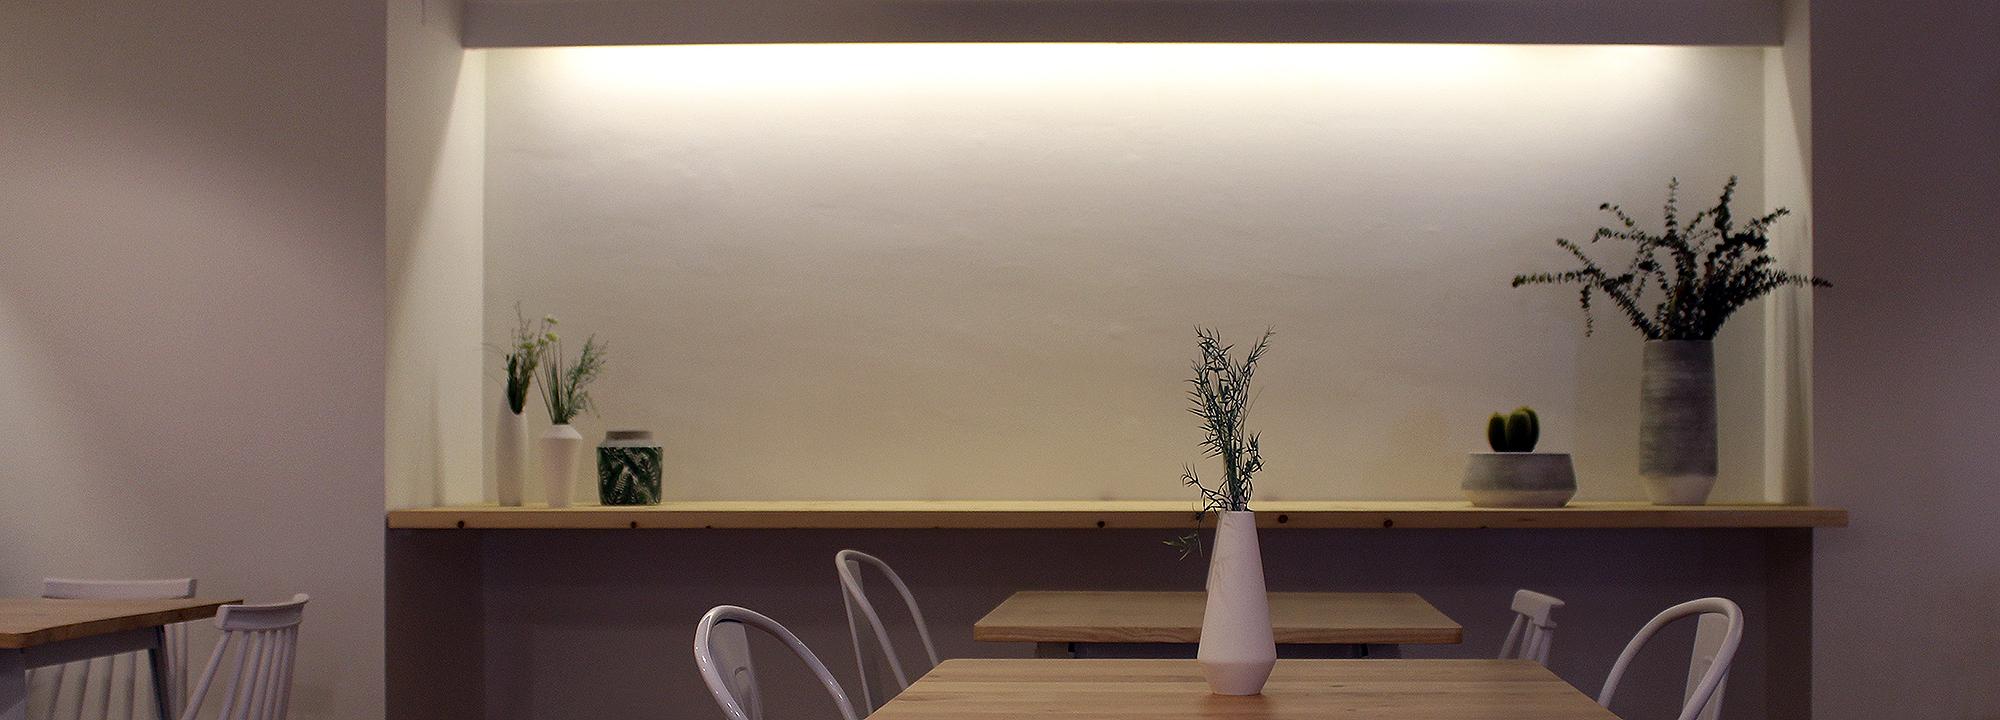 hd arquitectura interiors